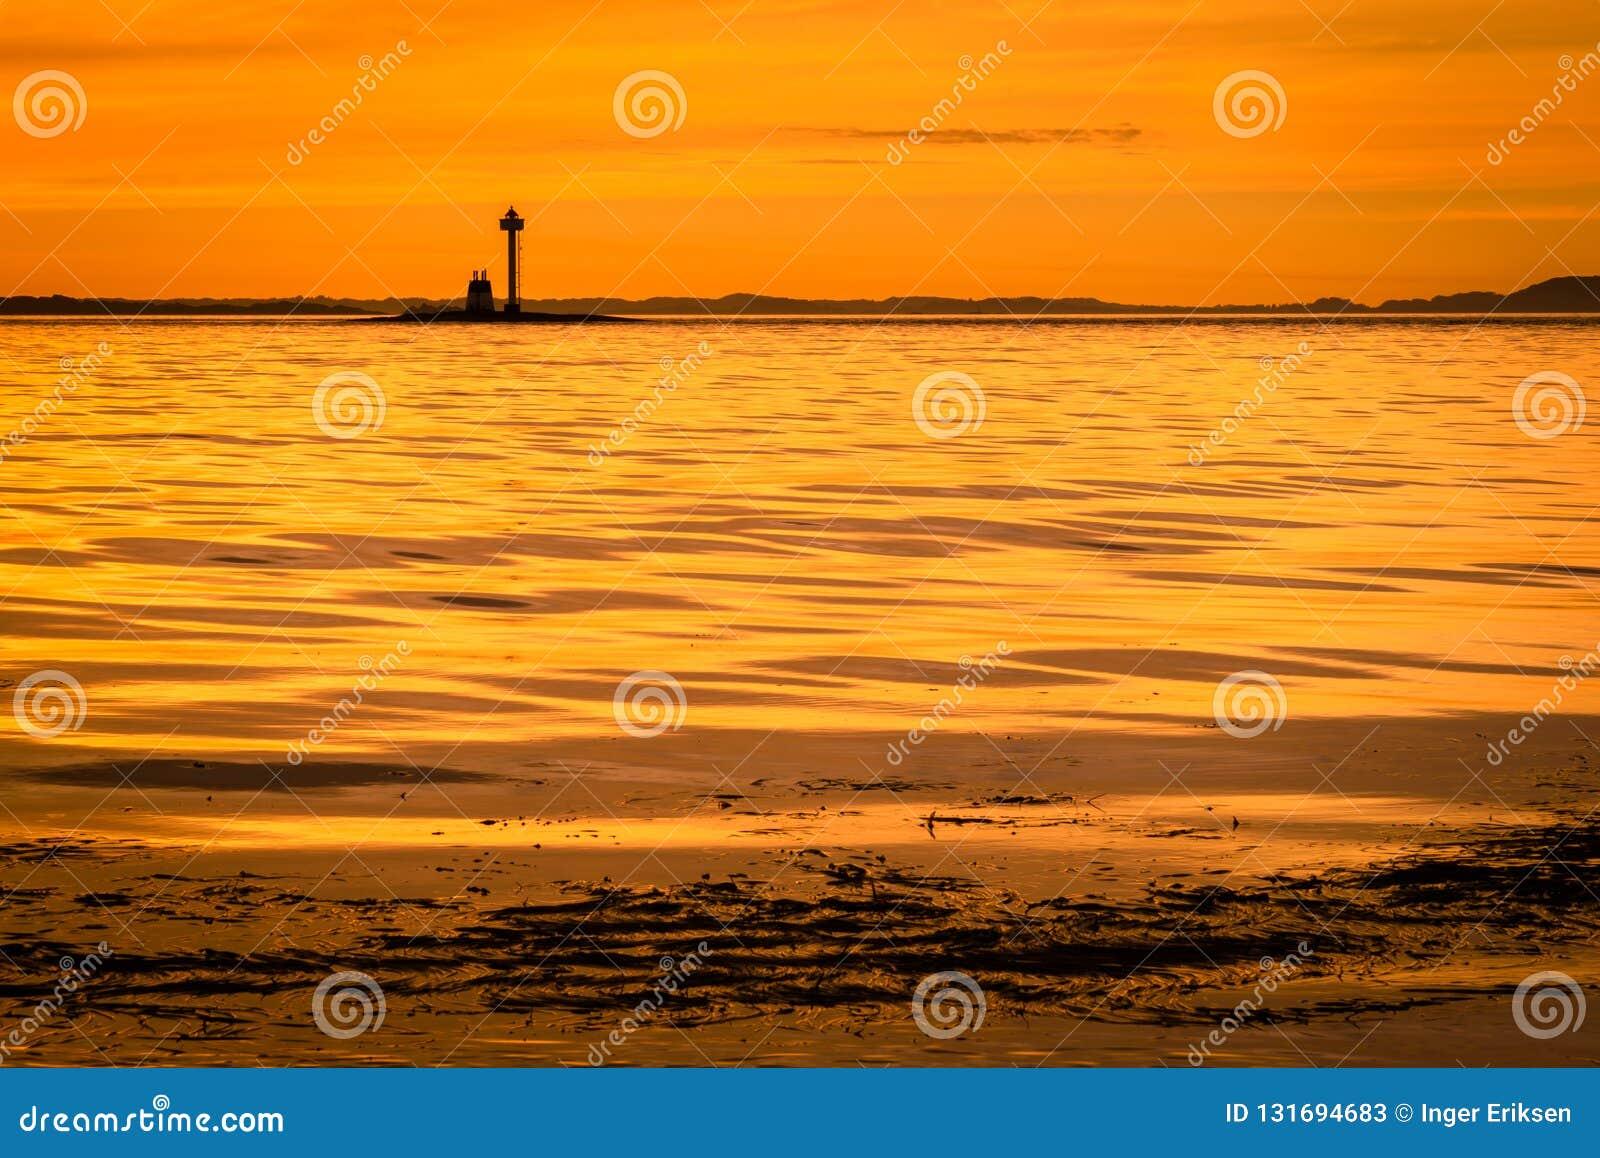 Κίτρινο ηλιοβασίλεμα κατά μήκος της ακτής του Stavanger, Νορβηγία